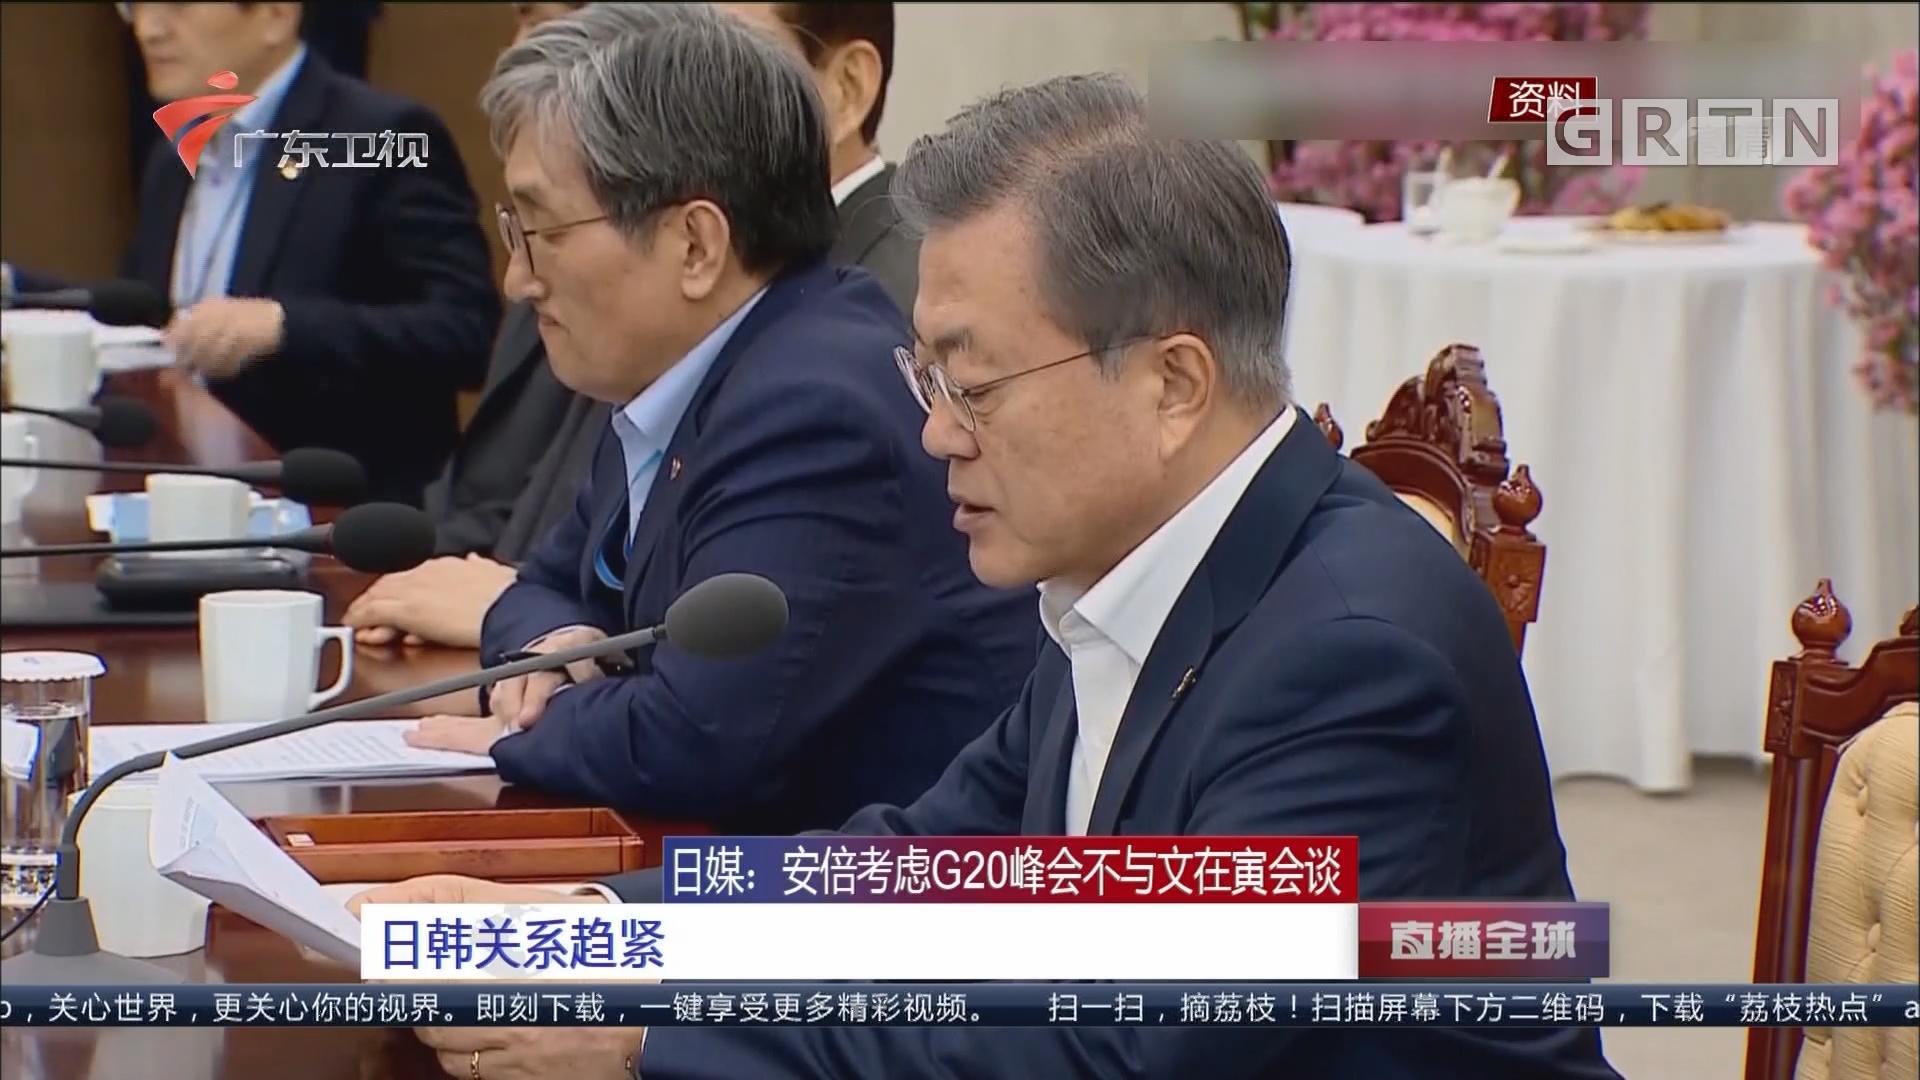 日媒:安倍考虑G20峰会不与文在寅会谈 日韩关系趋紧